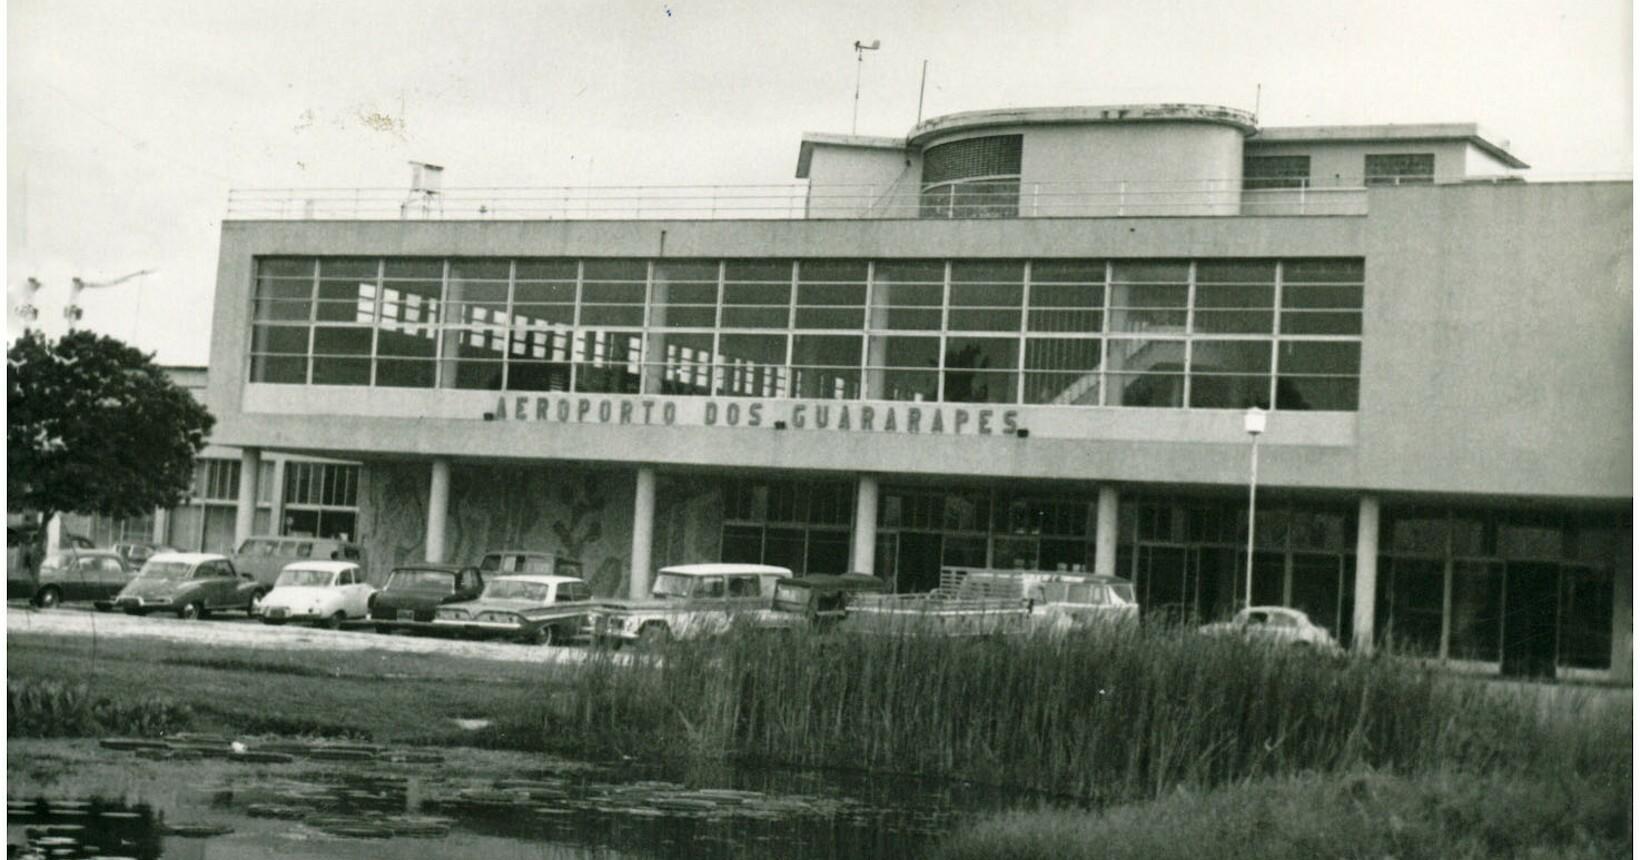 Foto do antigo terminal, sem data definida